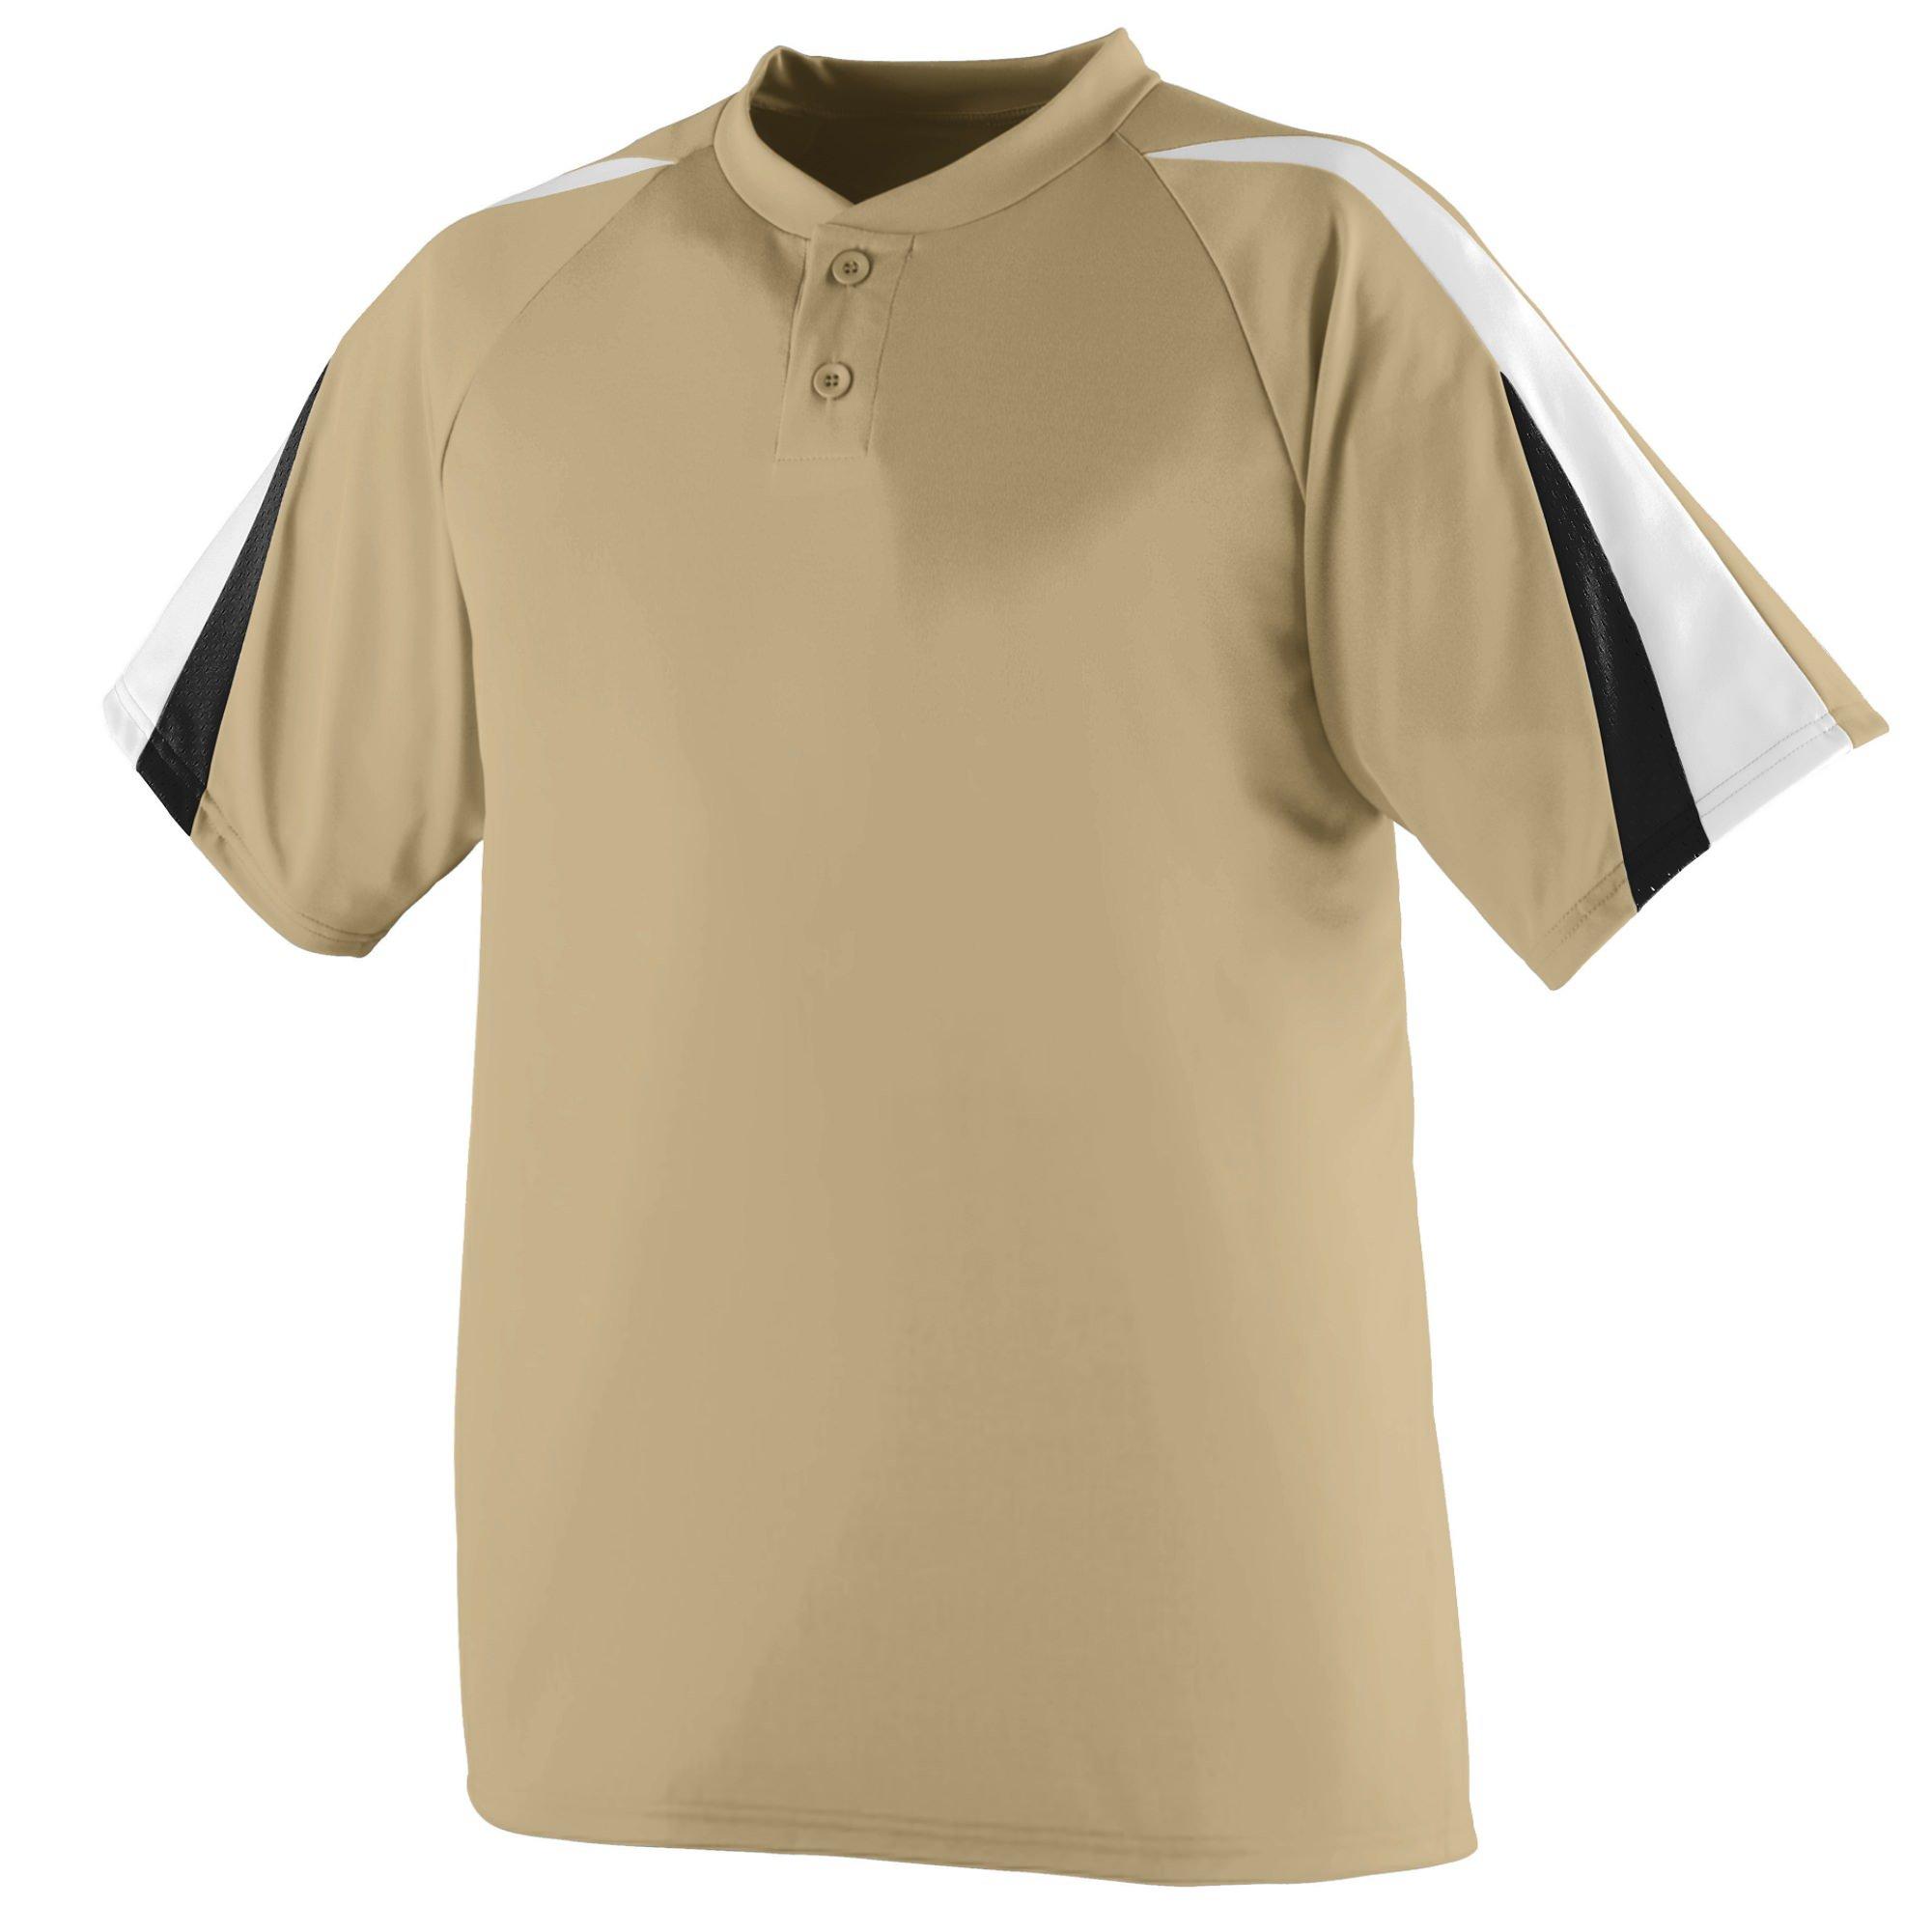 Augusta Sportswear Power Plus Jersey XL Vegas Gold/White/Black by Augusta Sportswear